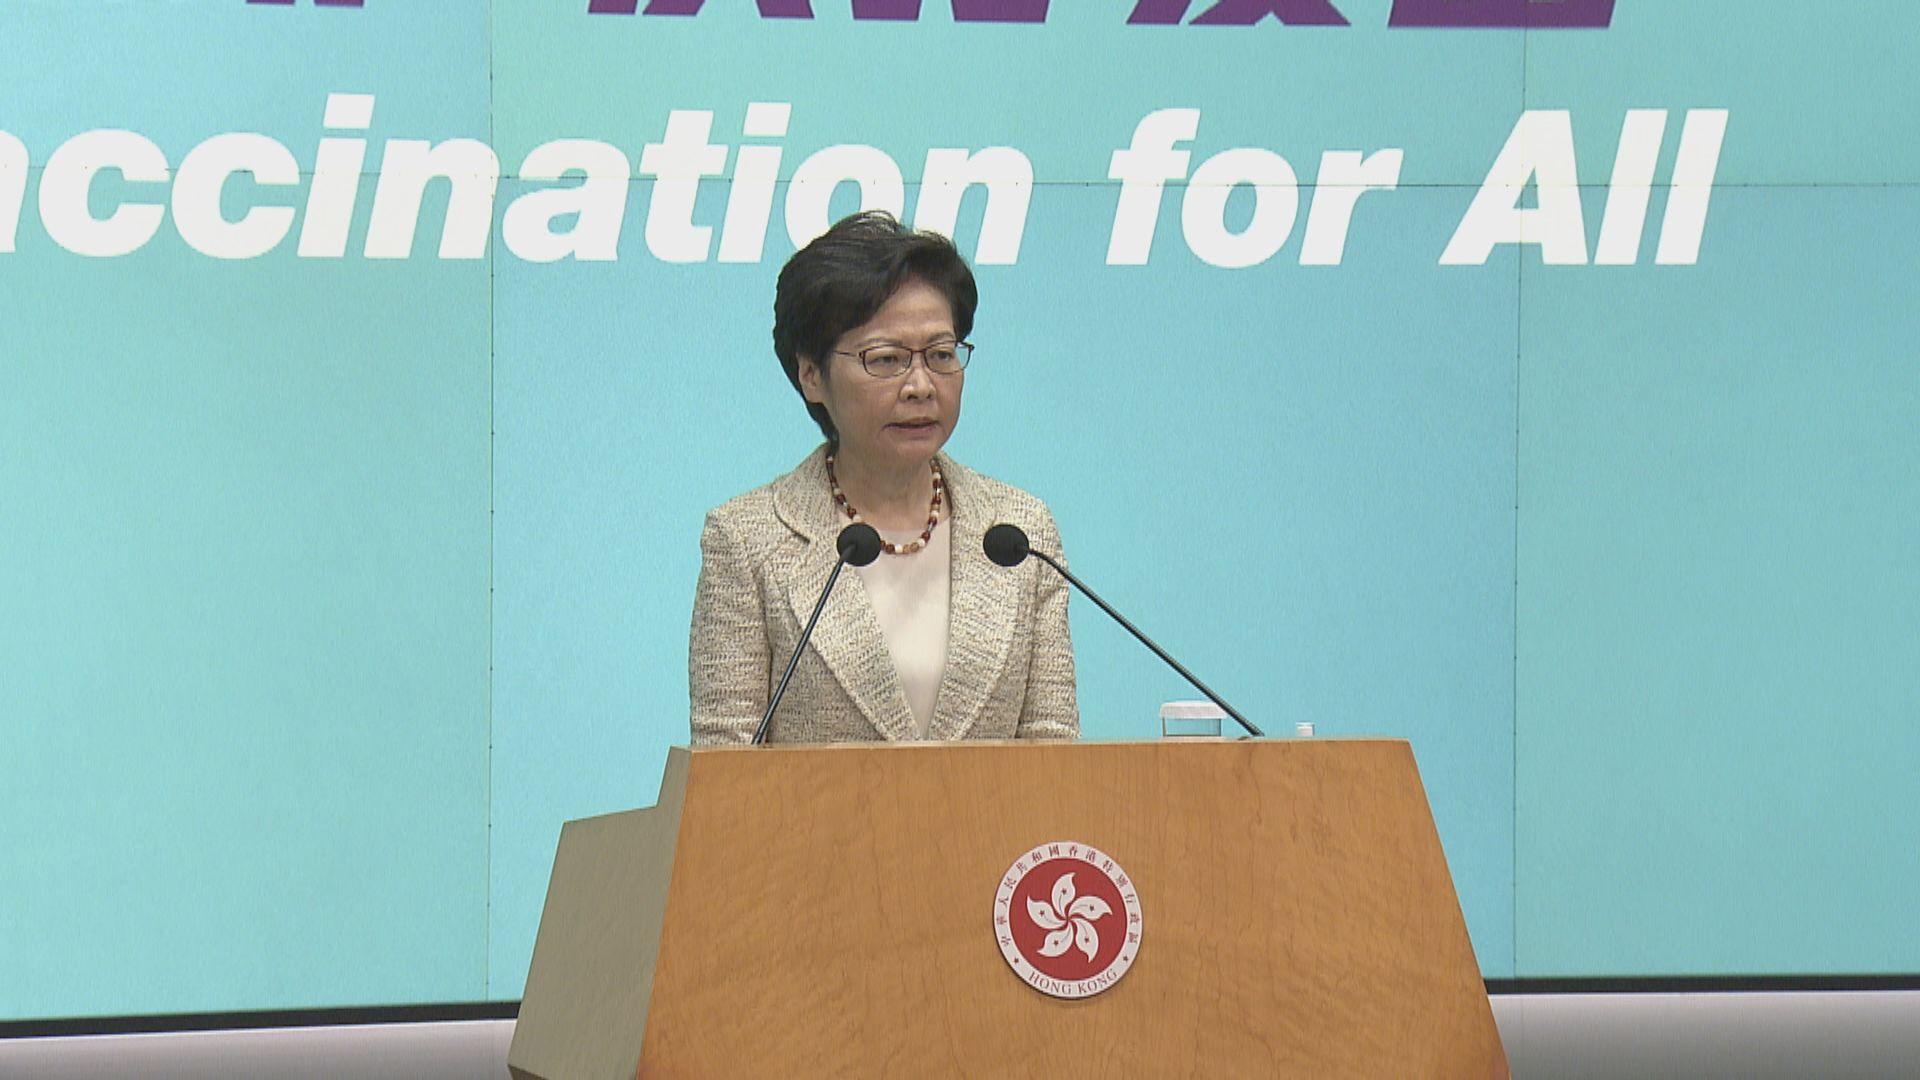 林鄭:當然委員申報是否有外國國籍及BNO是基本要求